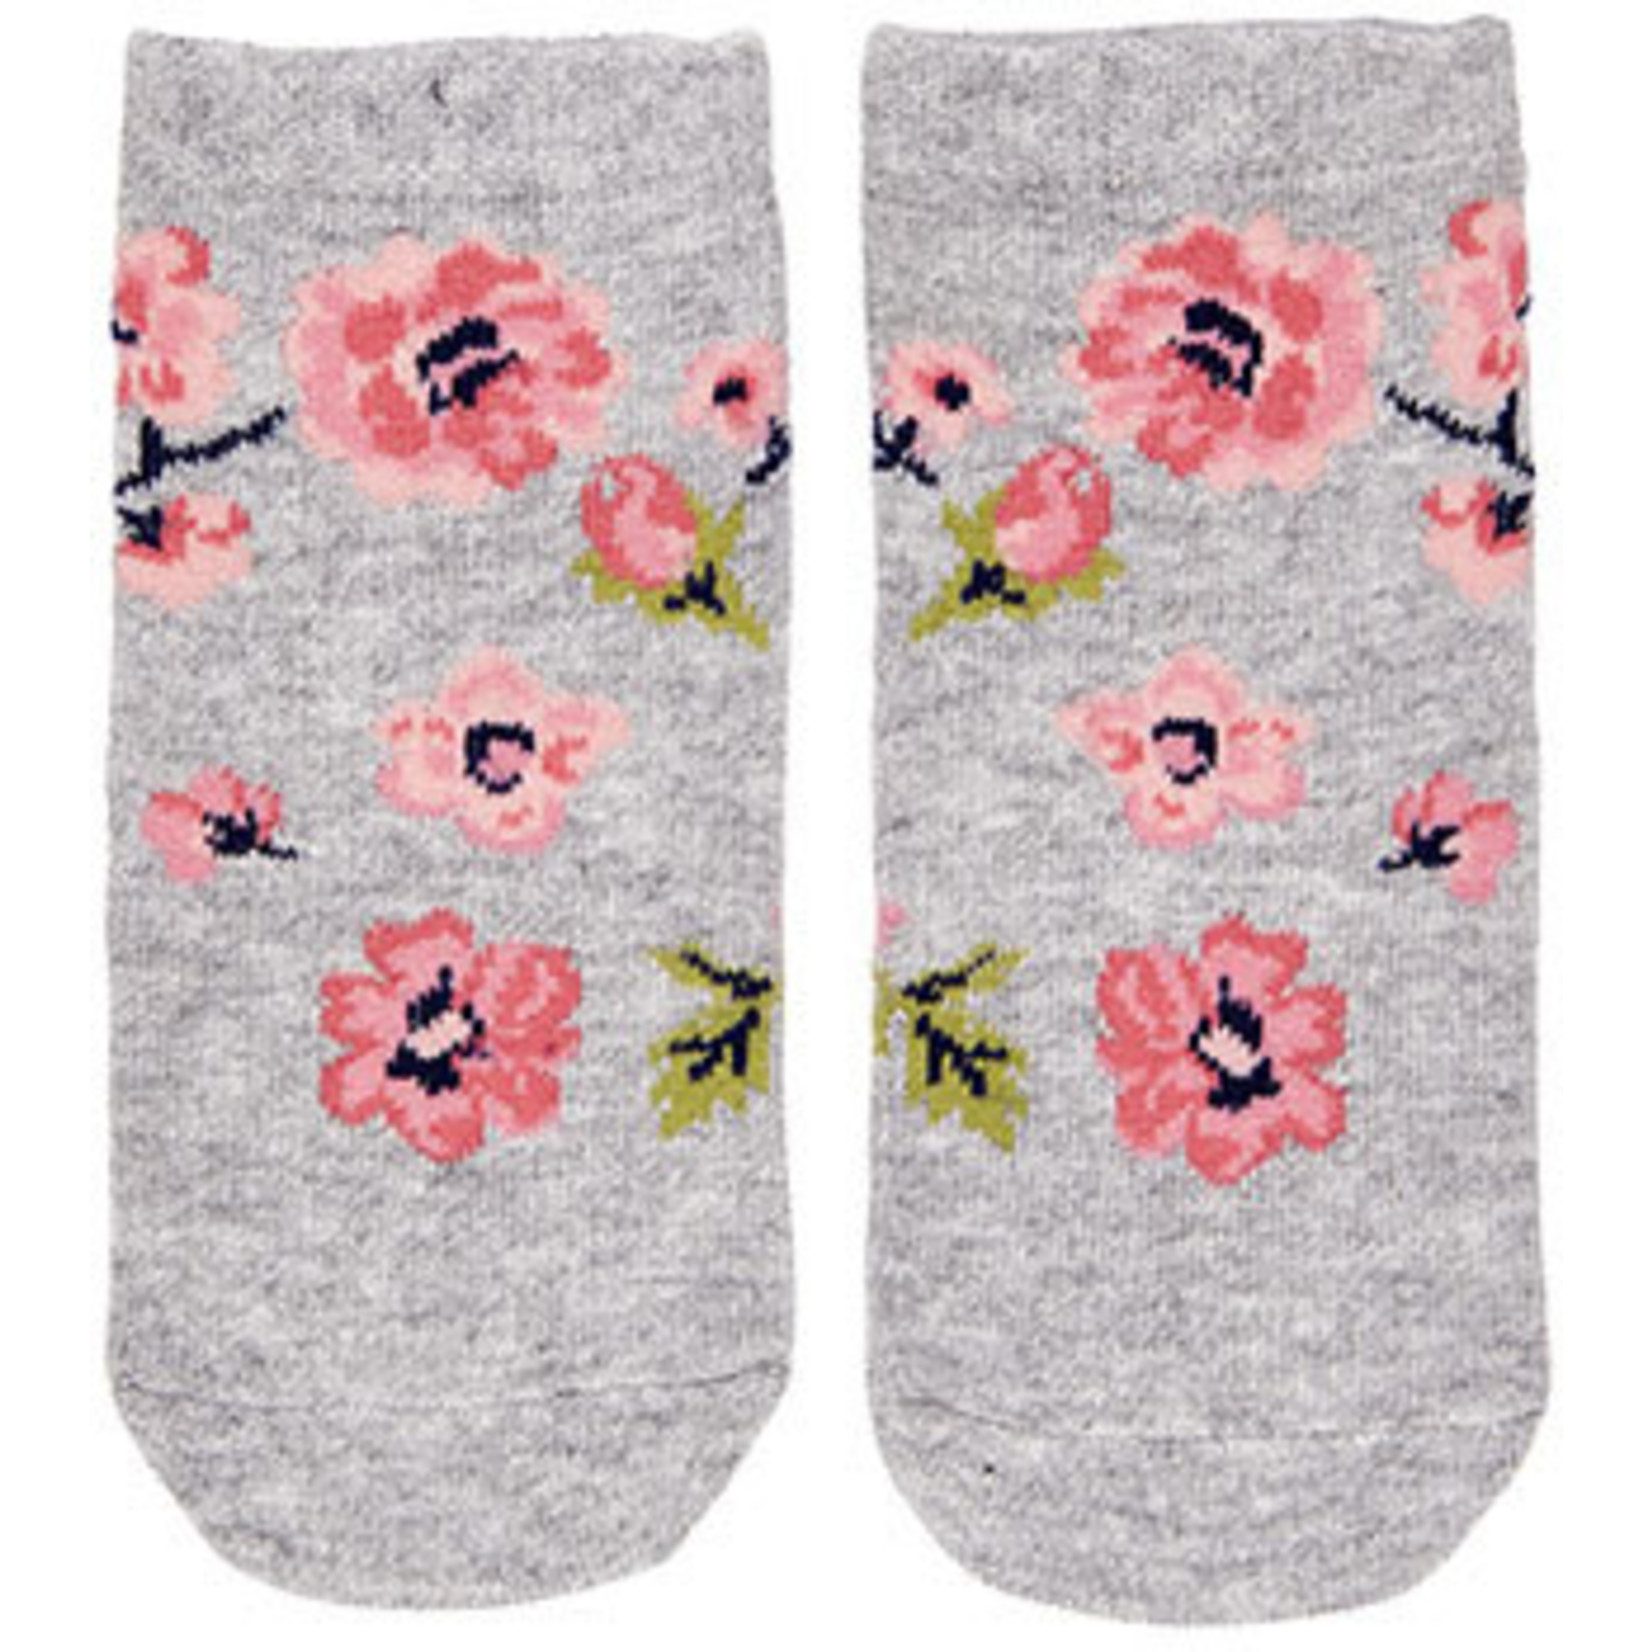 Toshi Toshi Organic Socks - Girls Rose